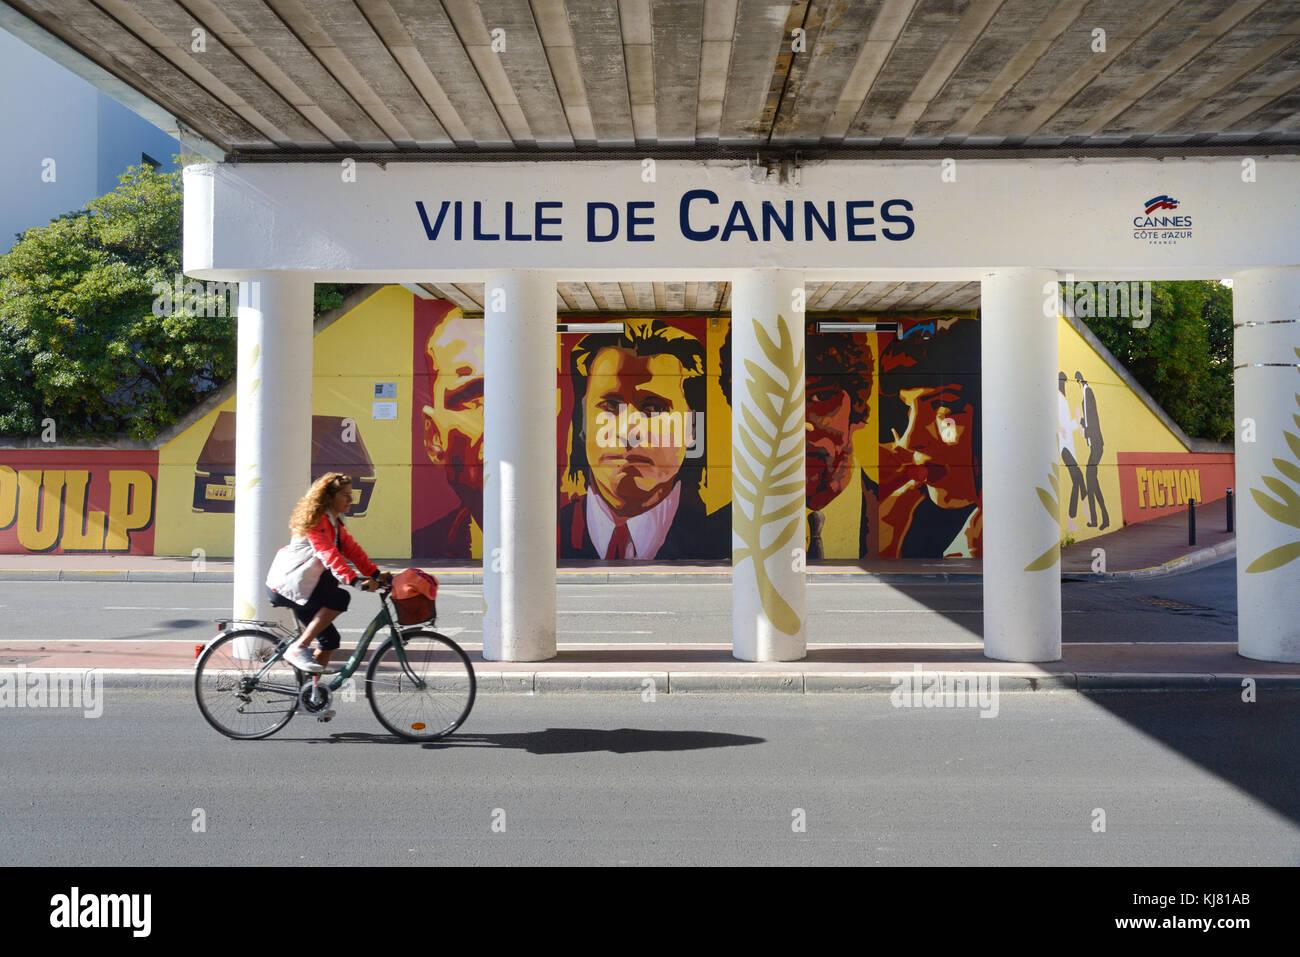 Paso subterráneo de Cannes Pulp Fiction con pinturas de pared o mural celebra el Festival de Cine de Cannes y la industria cinematográfica, en el extremo sur de La Croisette Foto de stock